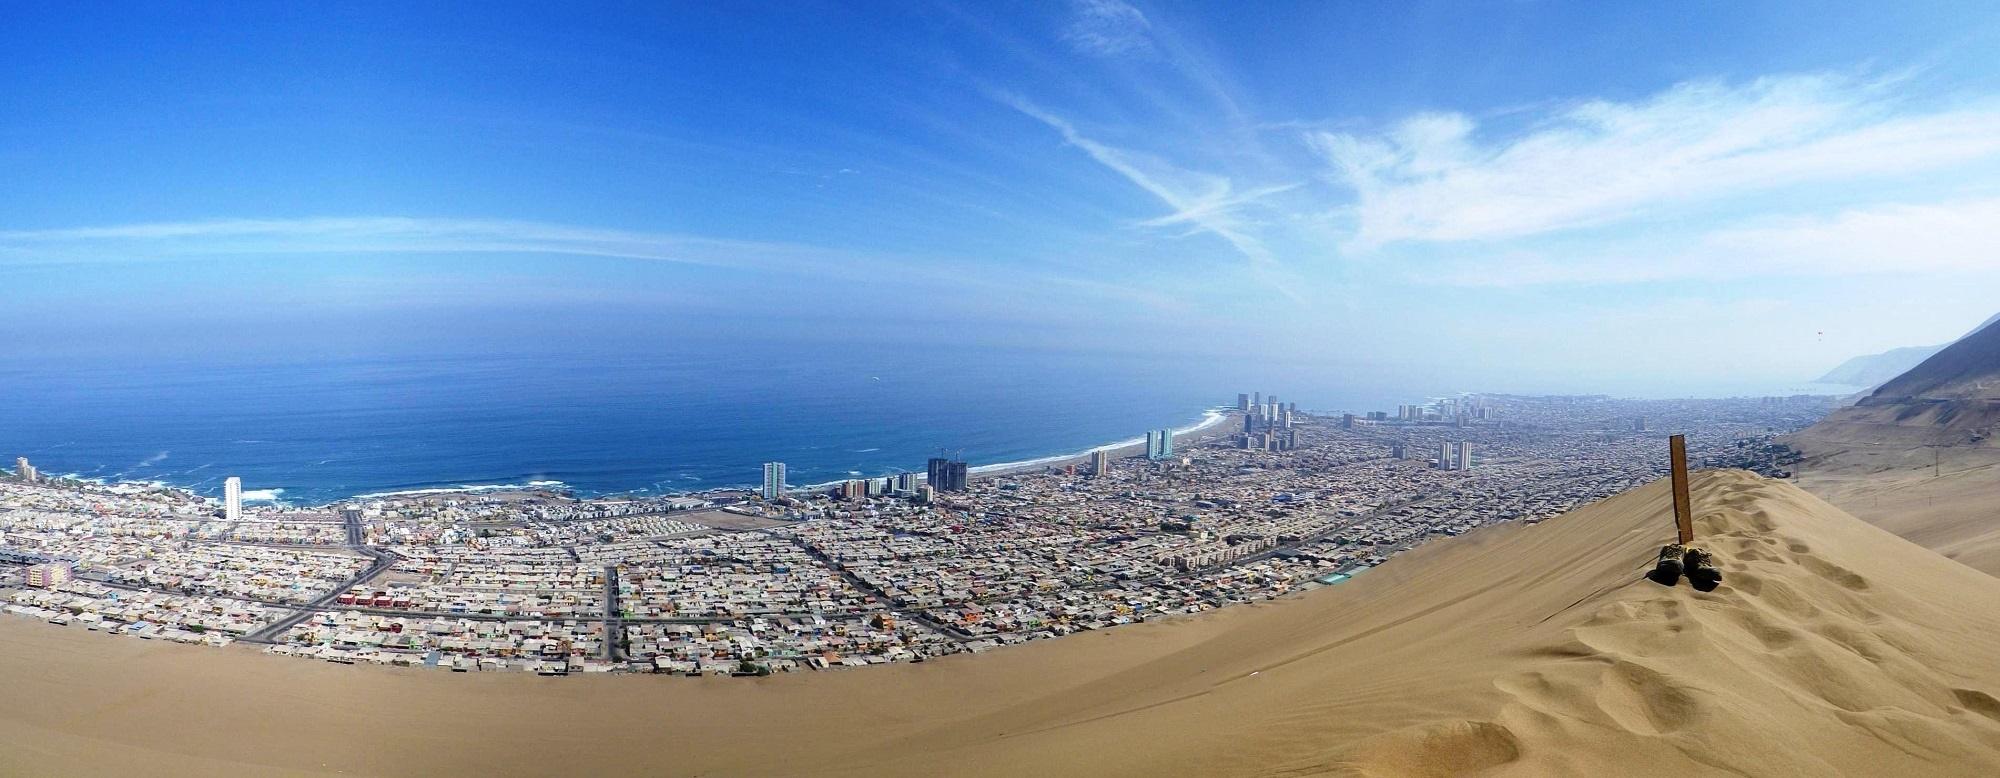 تصاویر همسایگی دریا و شنزار در نمایی دیدنی از تپه اژدها - 9